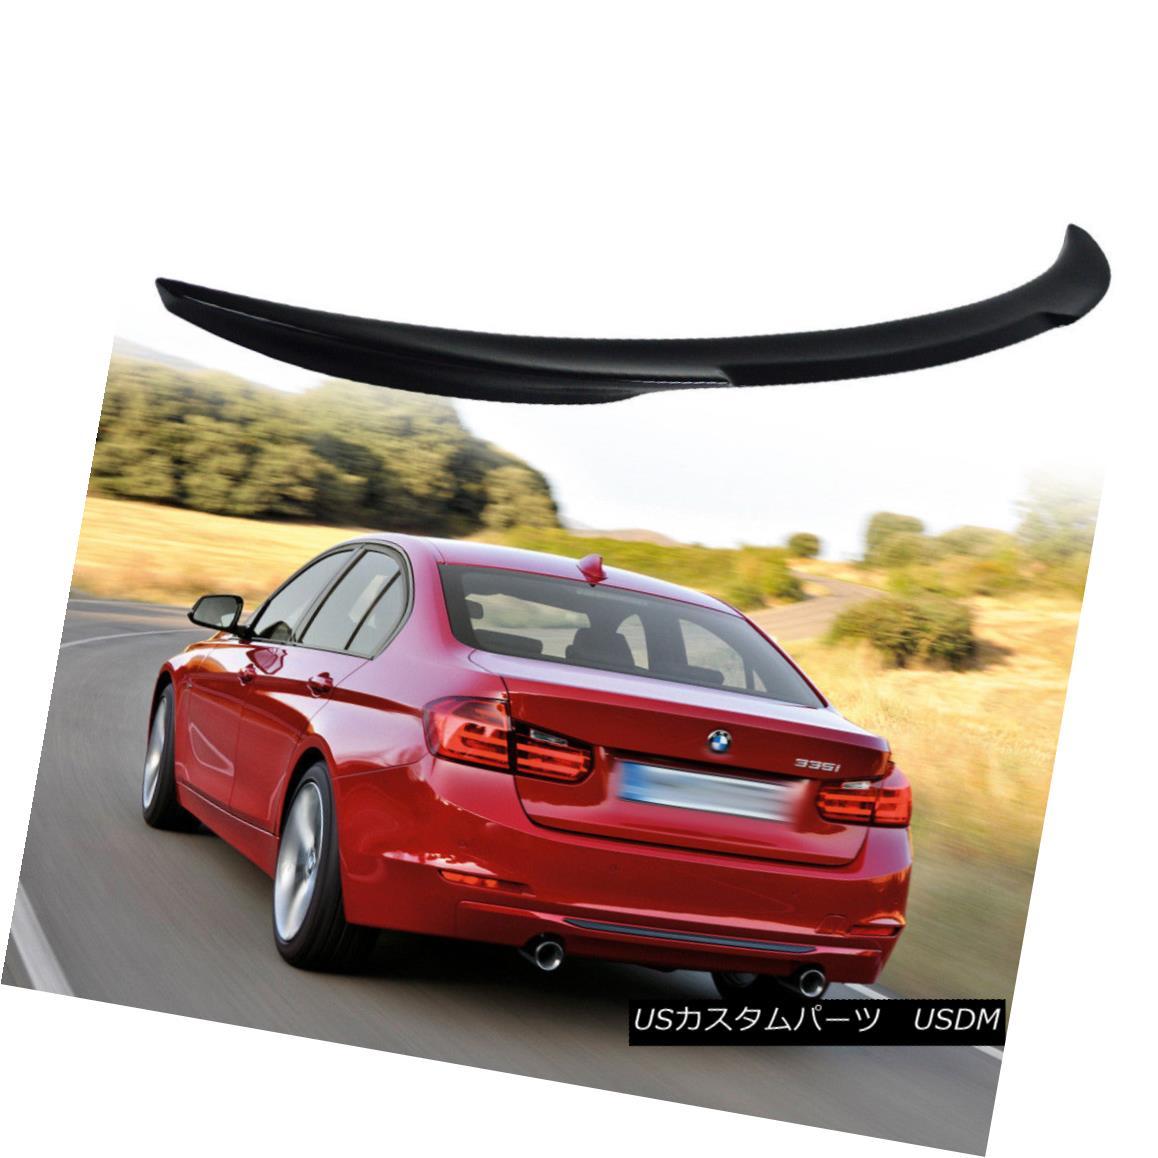 エアロパーツ Painted V Type Rear Trunk Lip Spoiler Wing for BMW 3Ser F30 F80 M3 Model Sedan § ペイントV型リアトランクリップスポイラーウィングfor BMW 3セカンドF30 F80 M3セダン